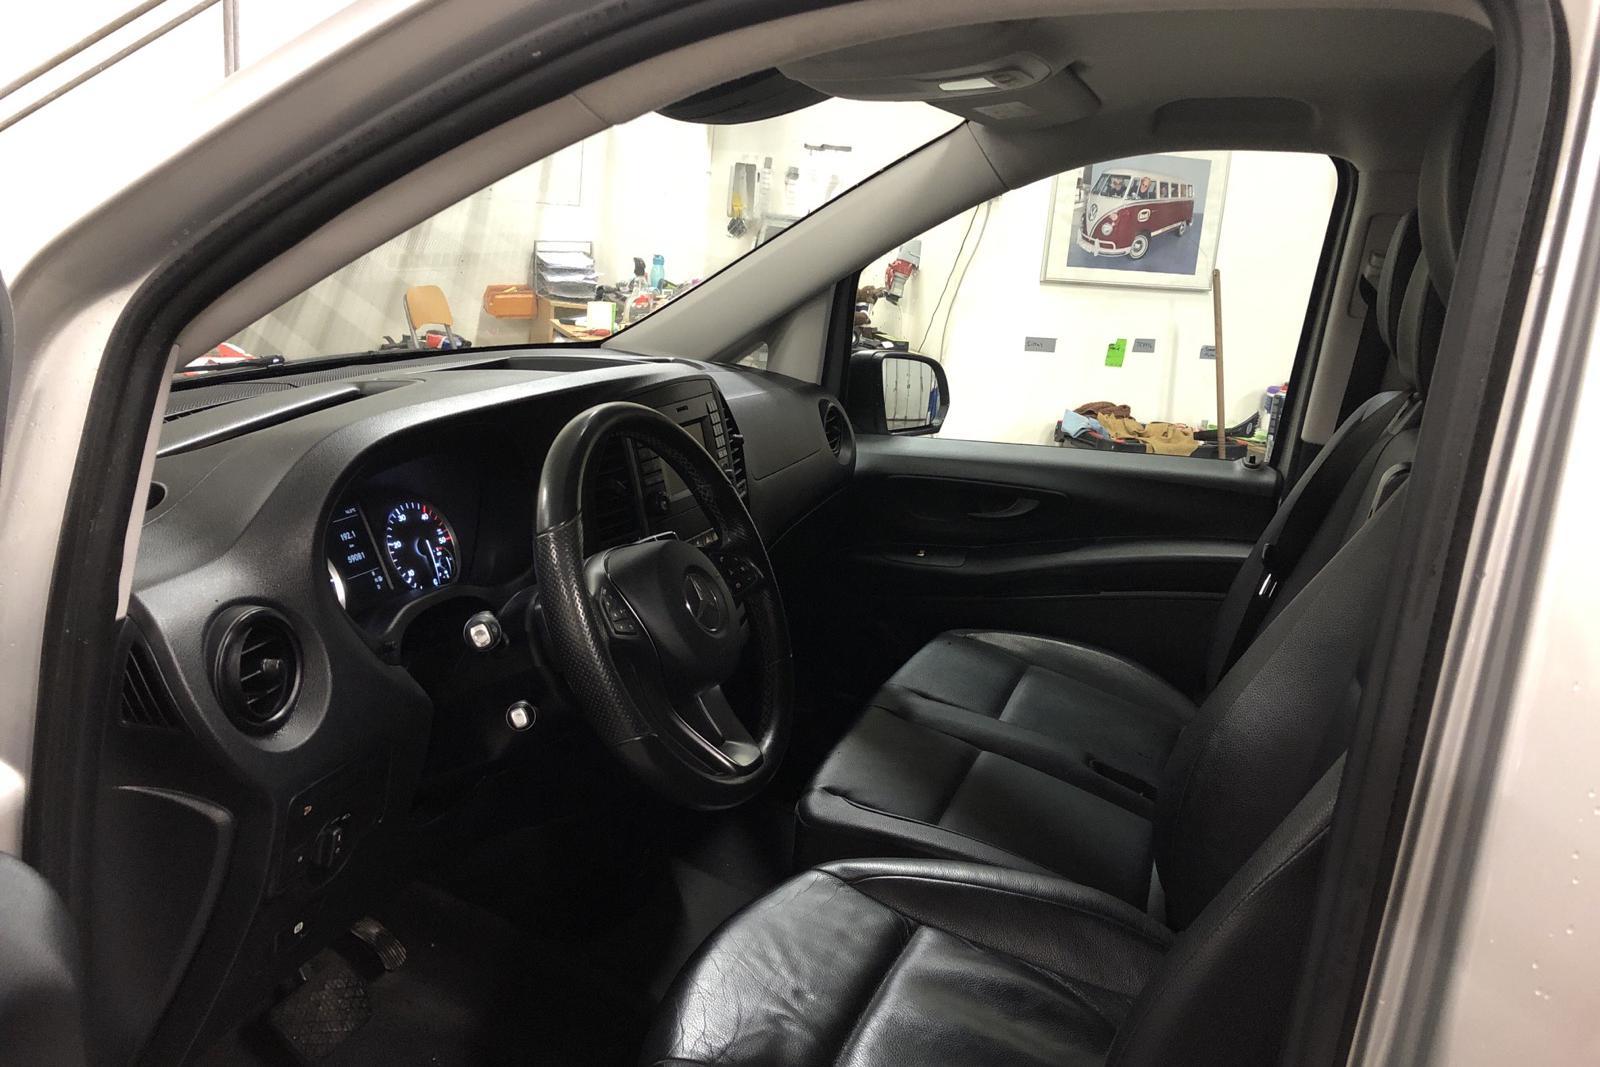 Mercedes Vito 119 BlueTEC 4x4 W640 (190hk) - 59 080 km - Automatic - silver - 2017